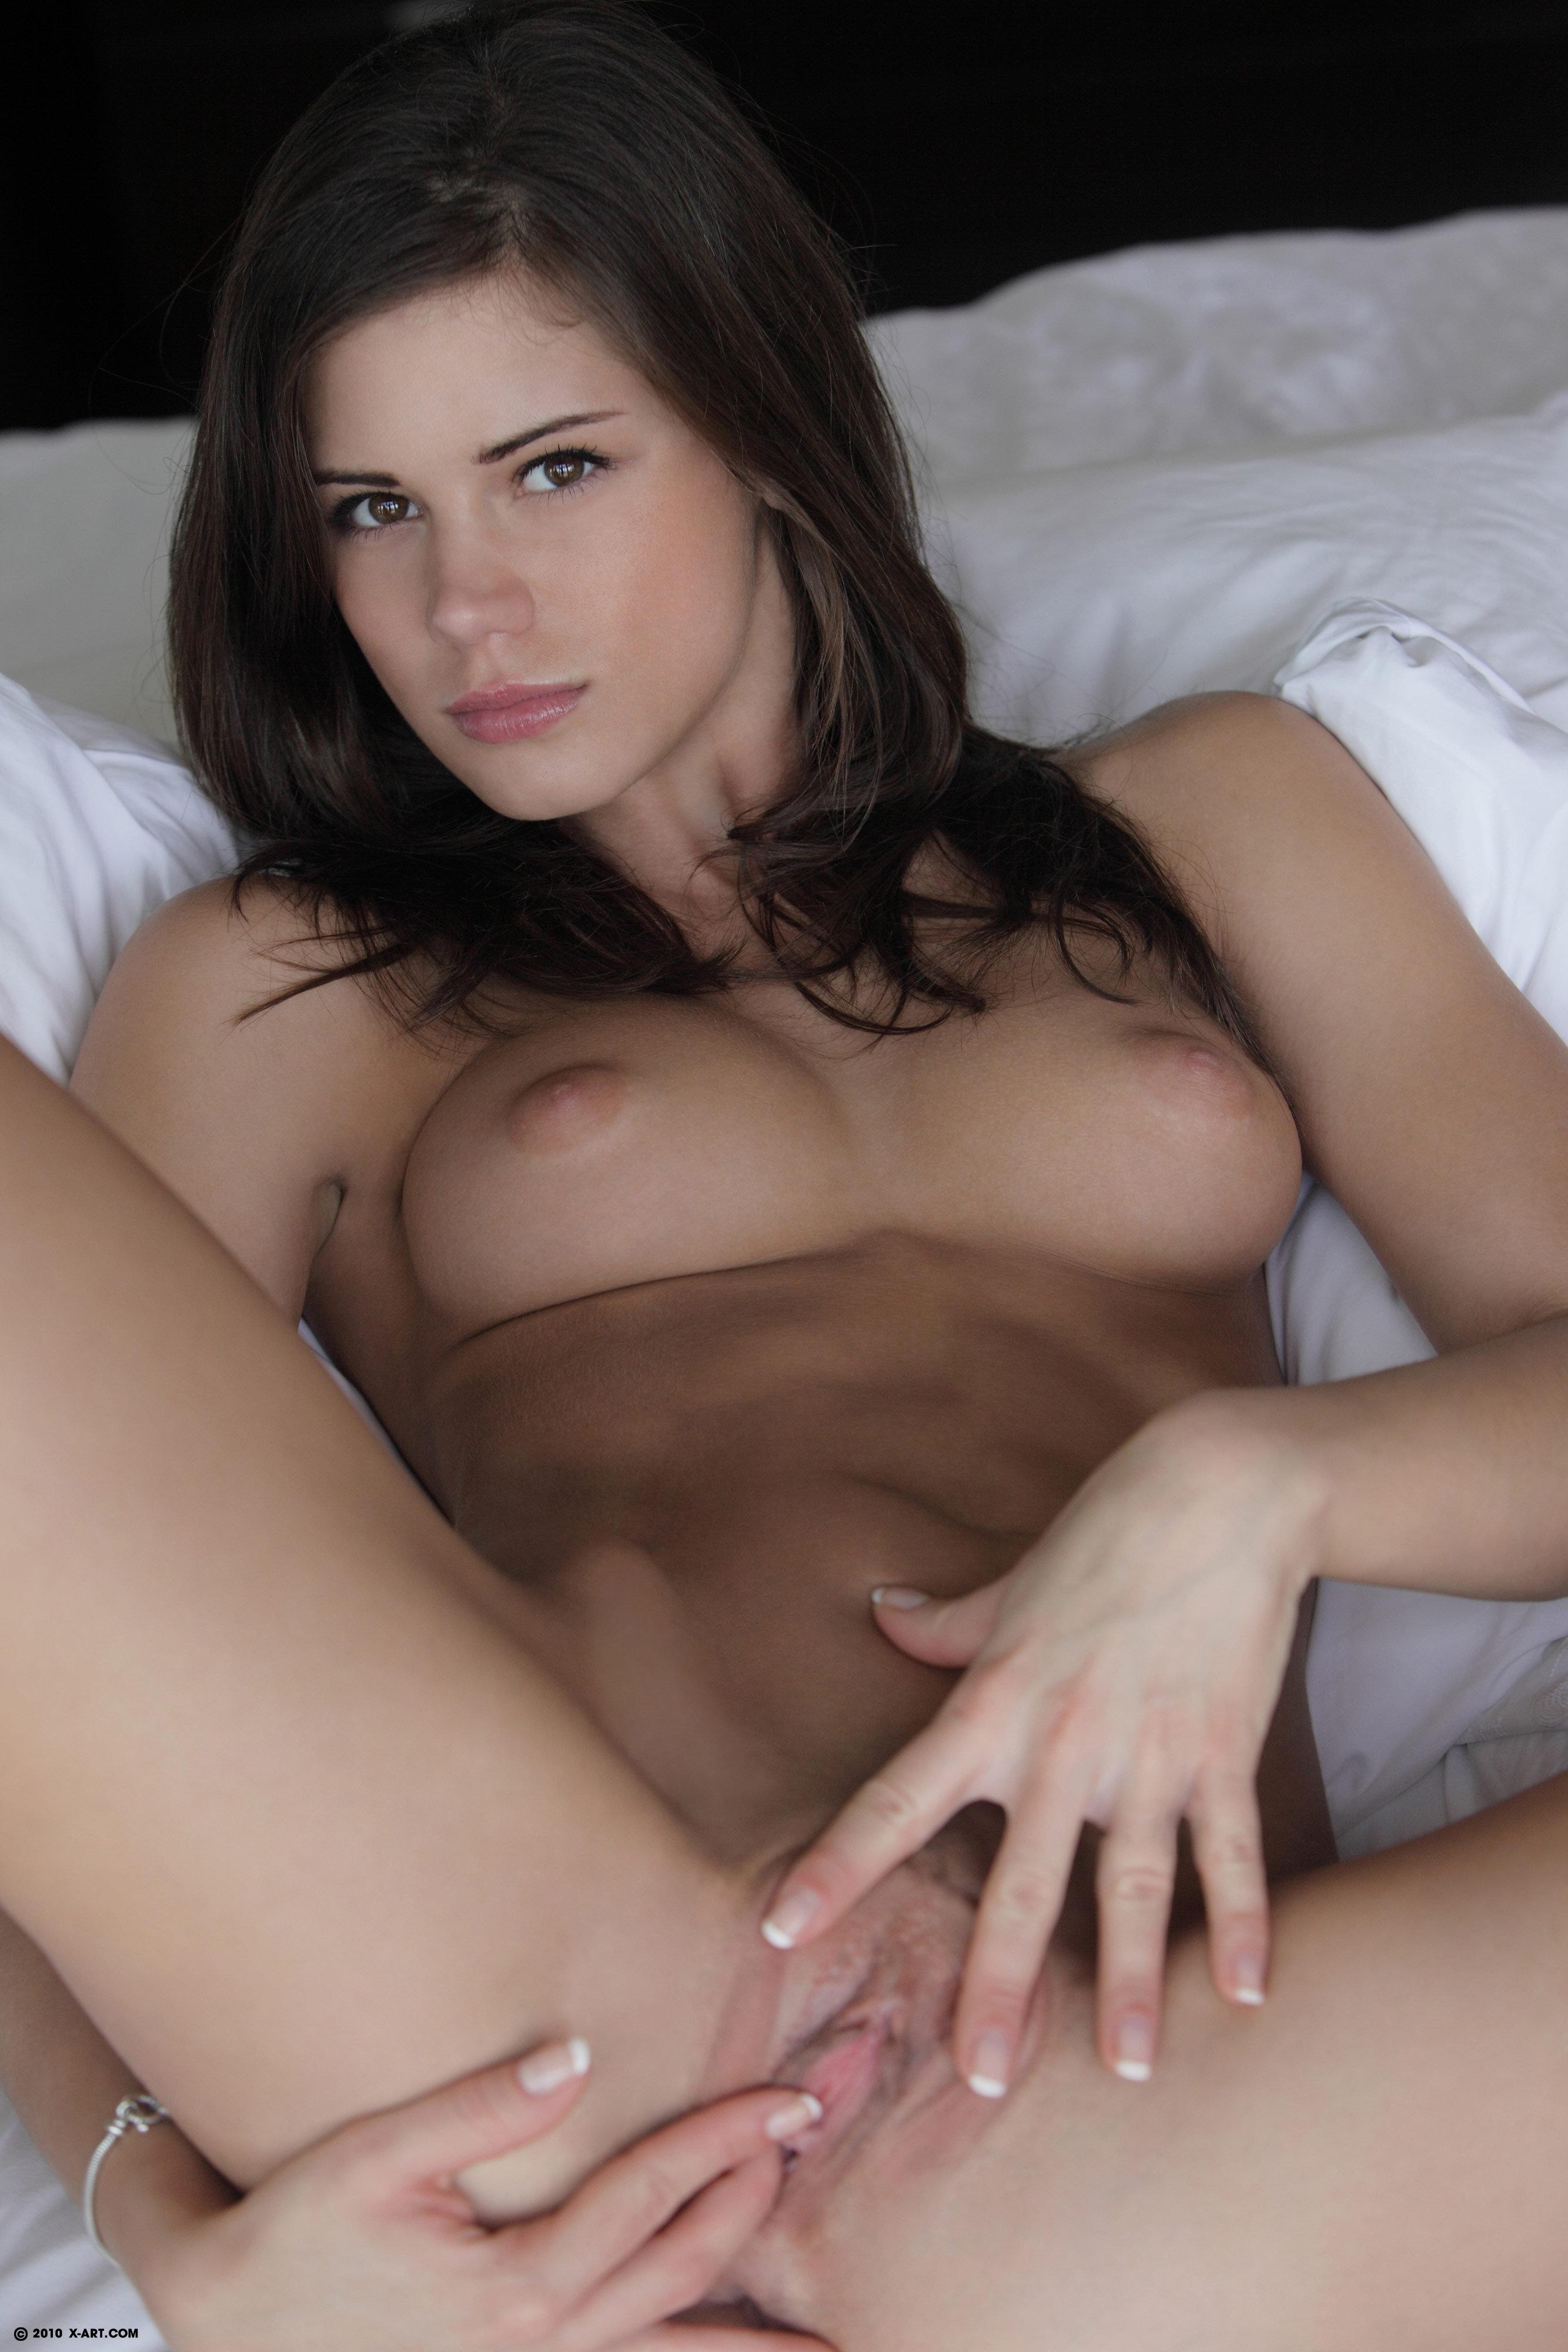 Fanny bondage naked sex